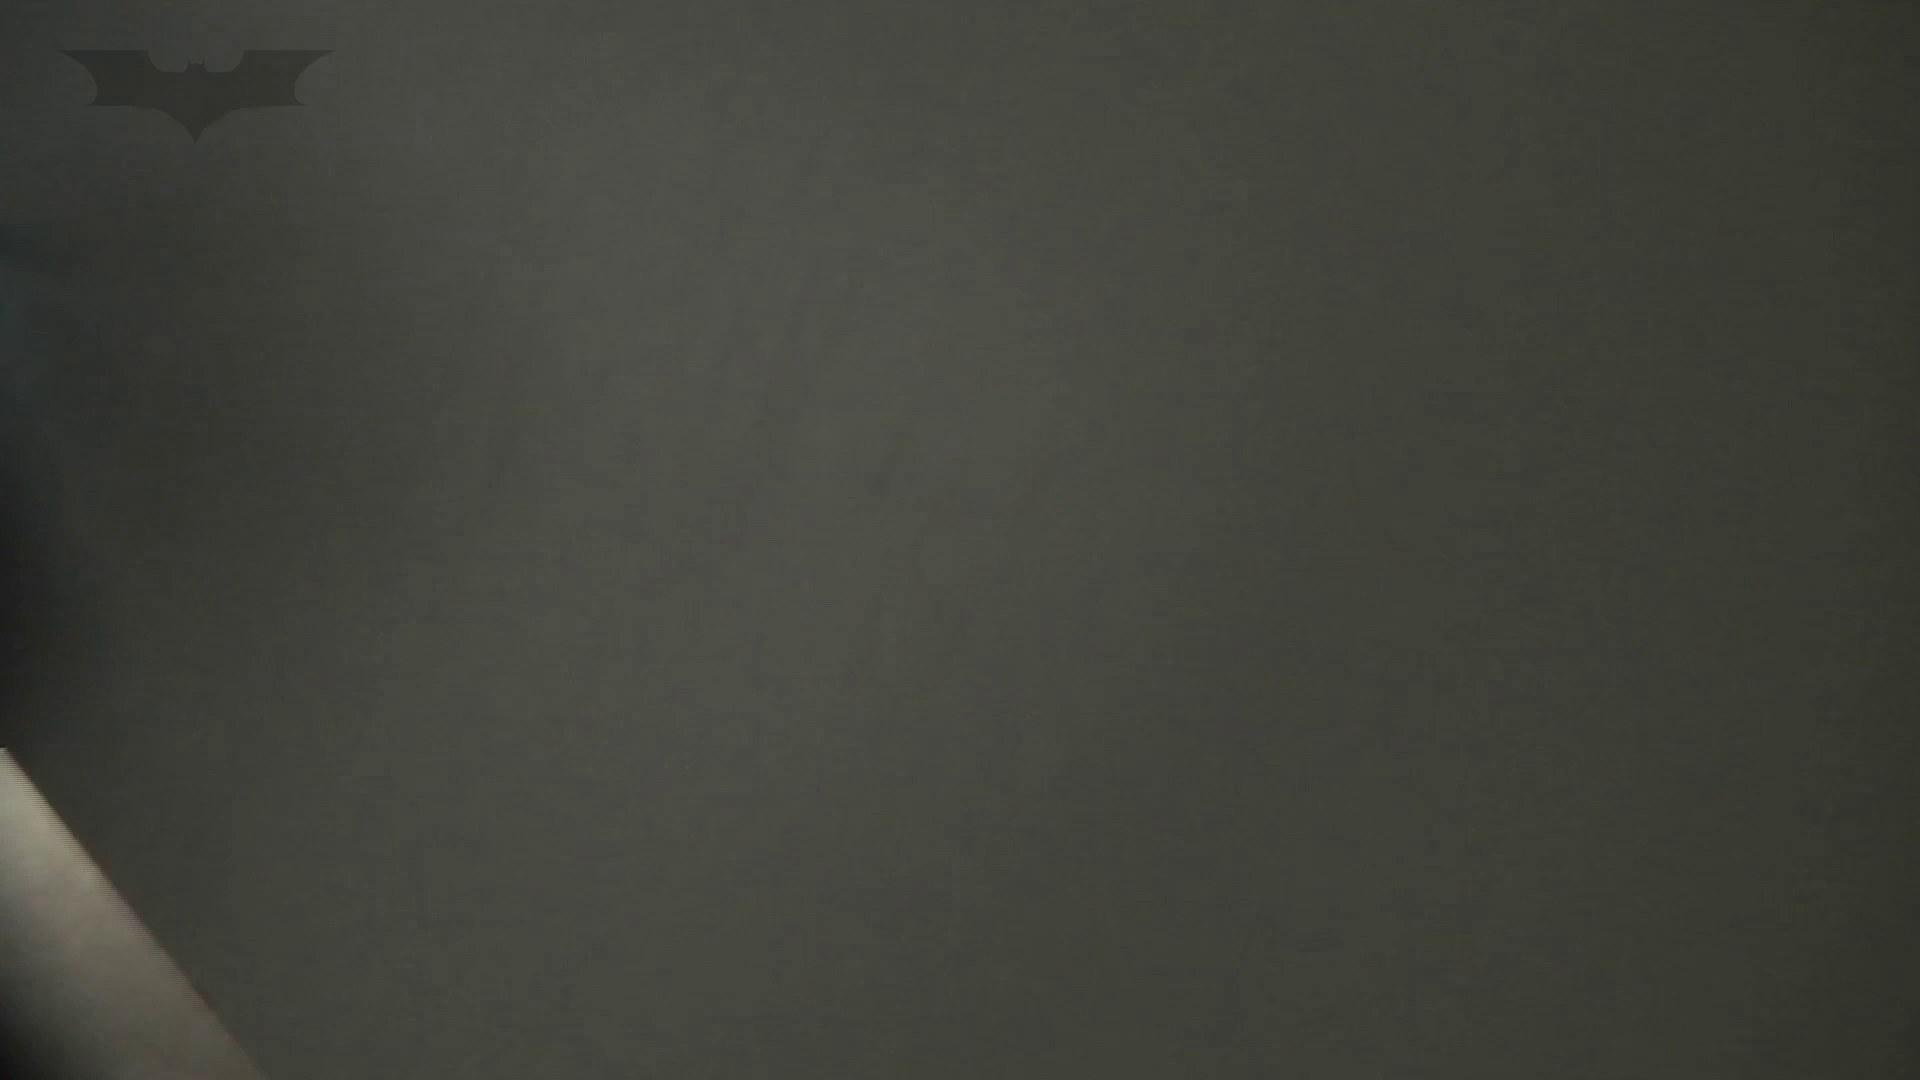 潜入!!台湾名門女学院 Vol.05 15センチ以上の濃厚糸を垂らしながら爽快 美女のボディ   盗撮  82PIX 69